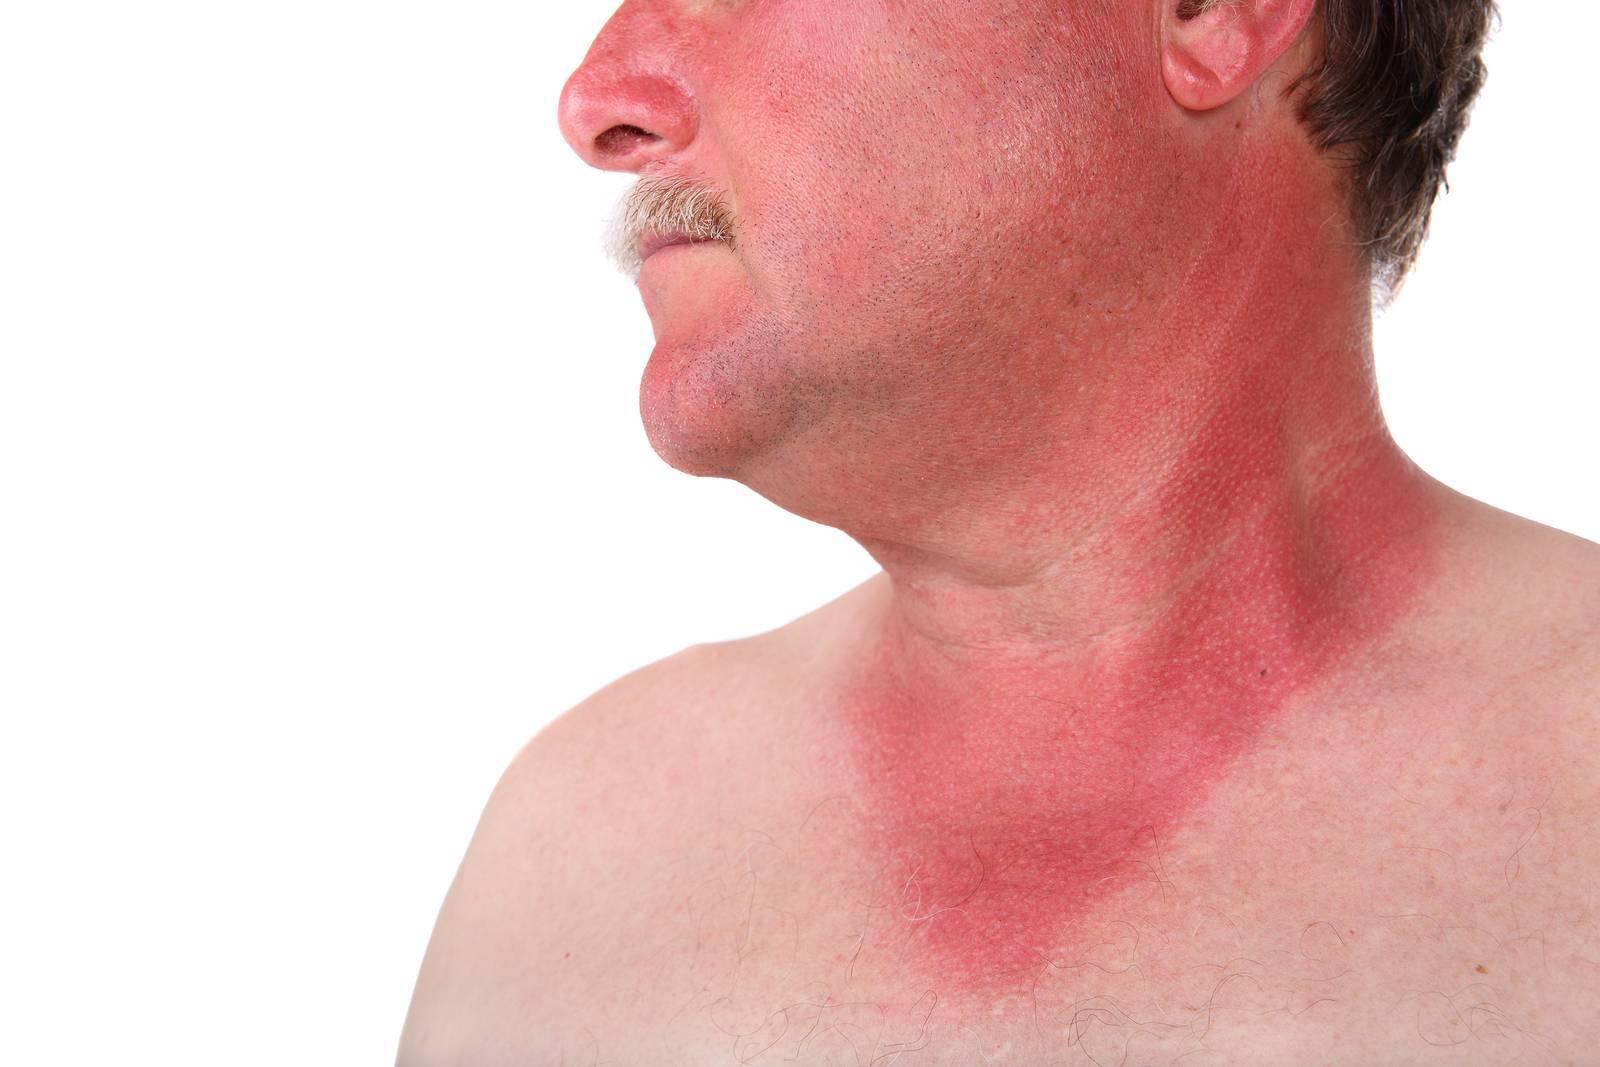 Ожог горла: причины и симптомы, чем лечить в домашних условиях